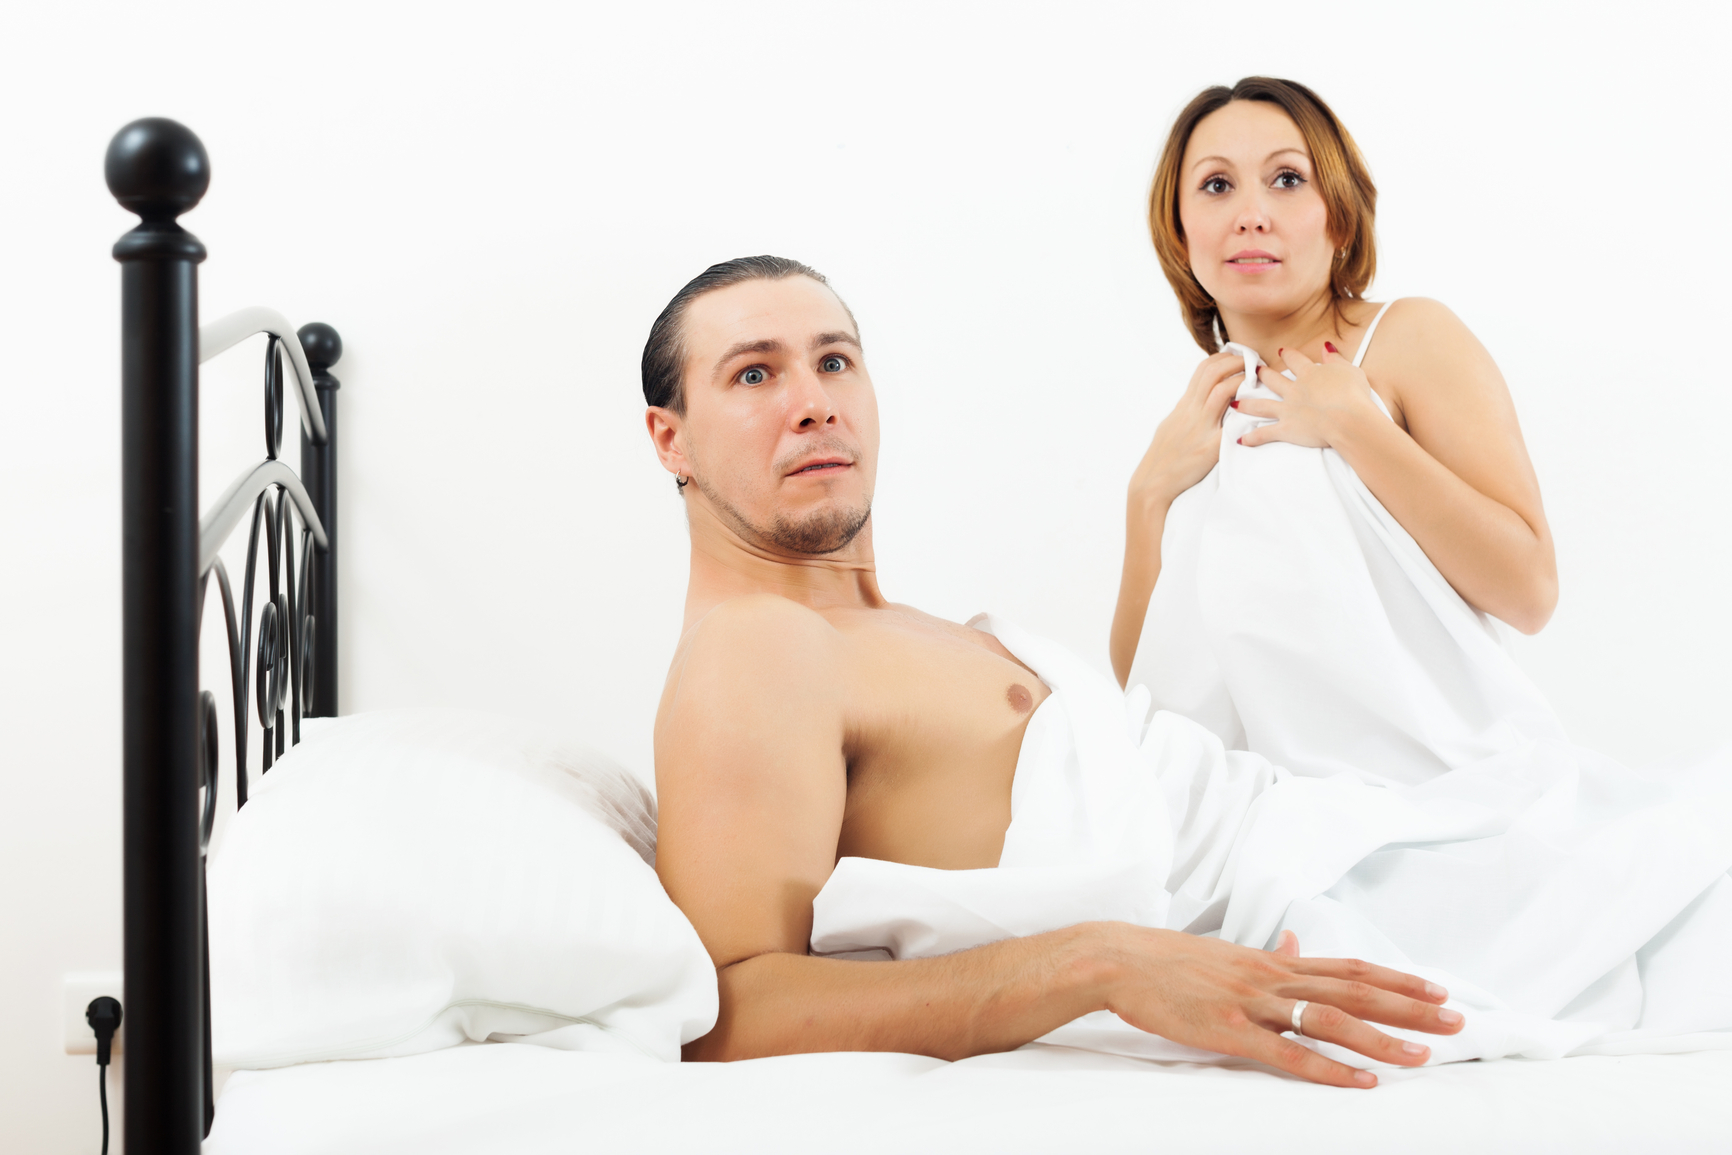 Как простить измену любимого мужа и как с эти смириться